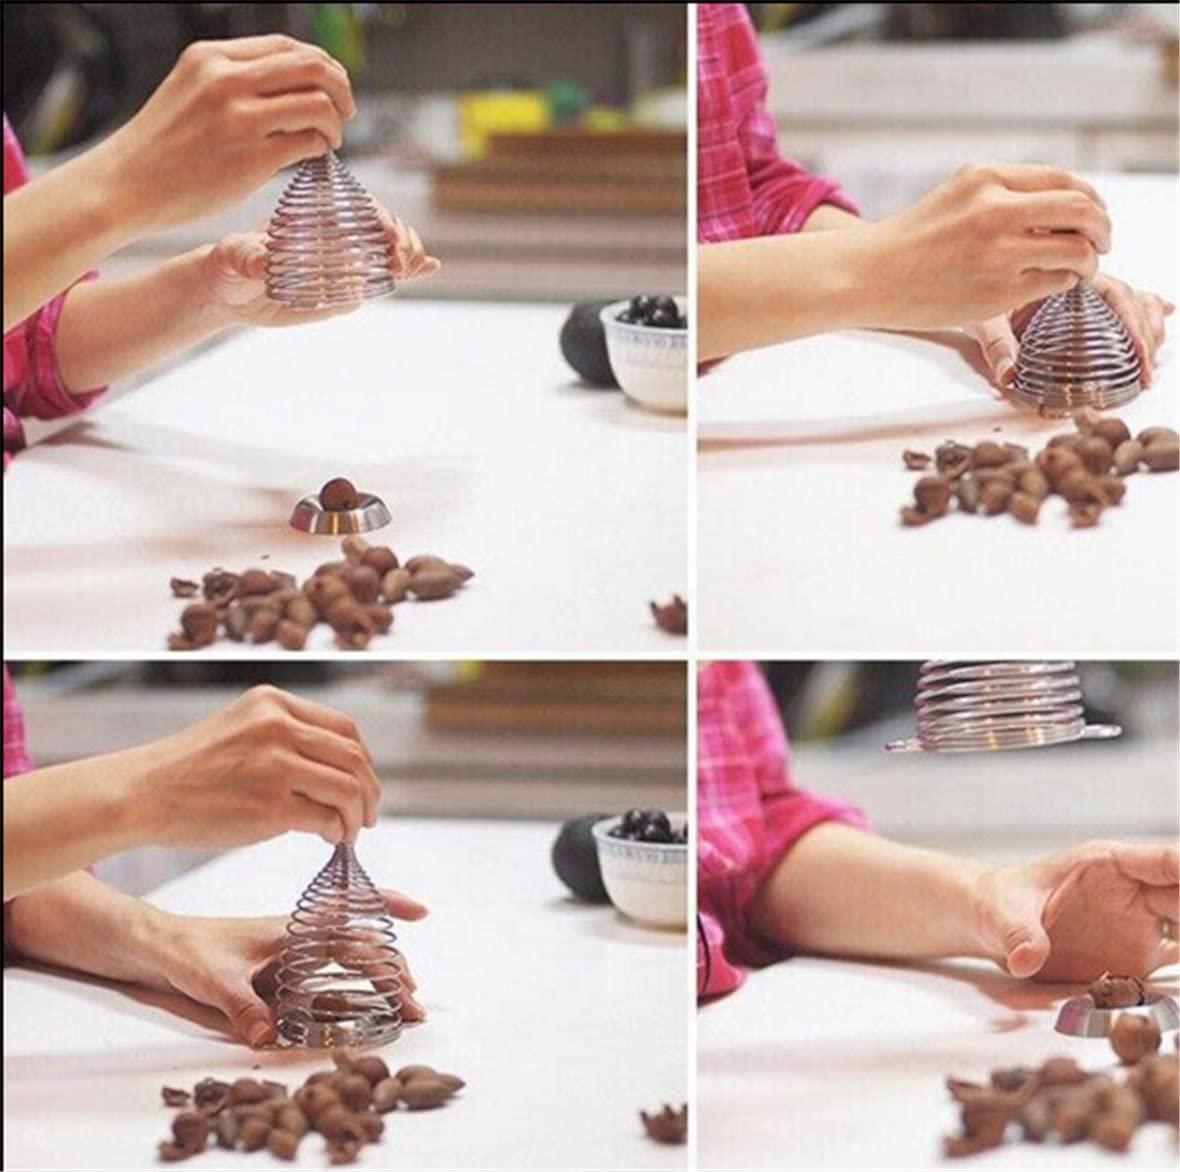 xiulin(シュリン) くるみ 割り器の商品画像6